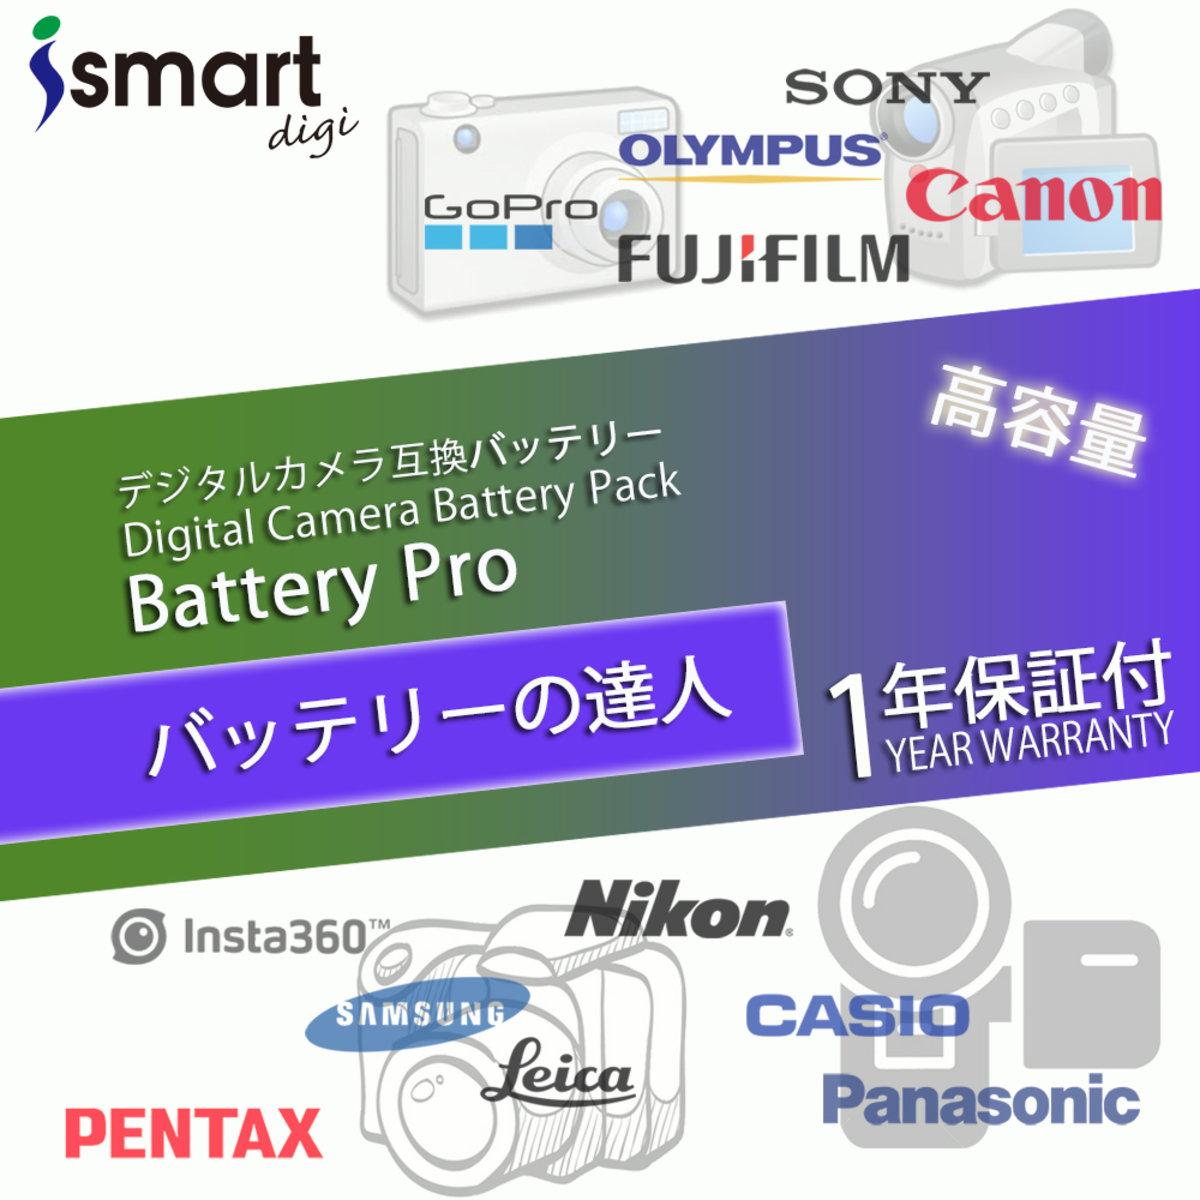 富士數碼相機電池(適合:FinePix 50i, FinePix 601,FinePix F401,FinePix F401 Zoom,FinePix F401Z,FinePix F410,FinePix F410 Zoom)